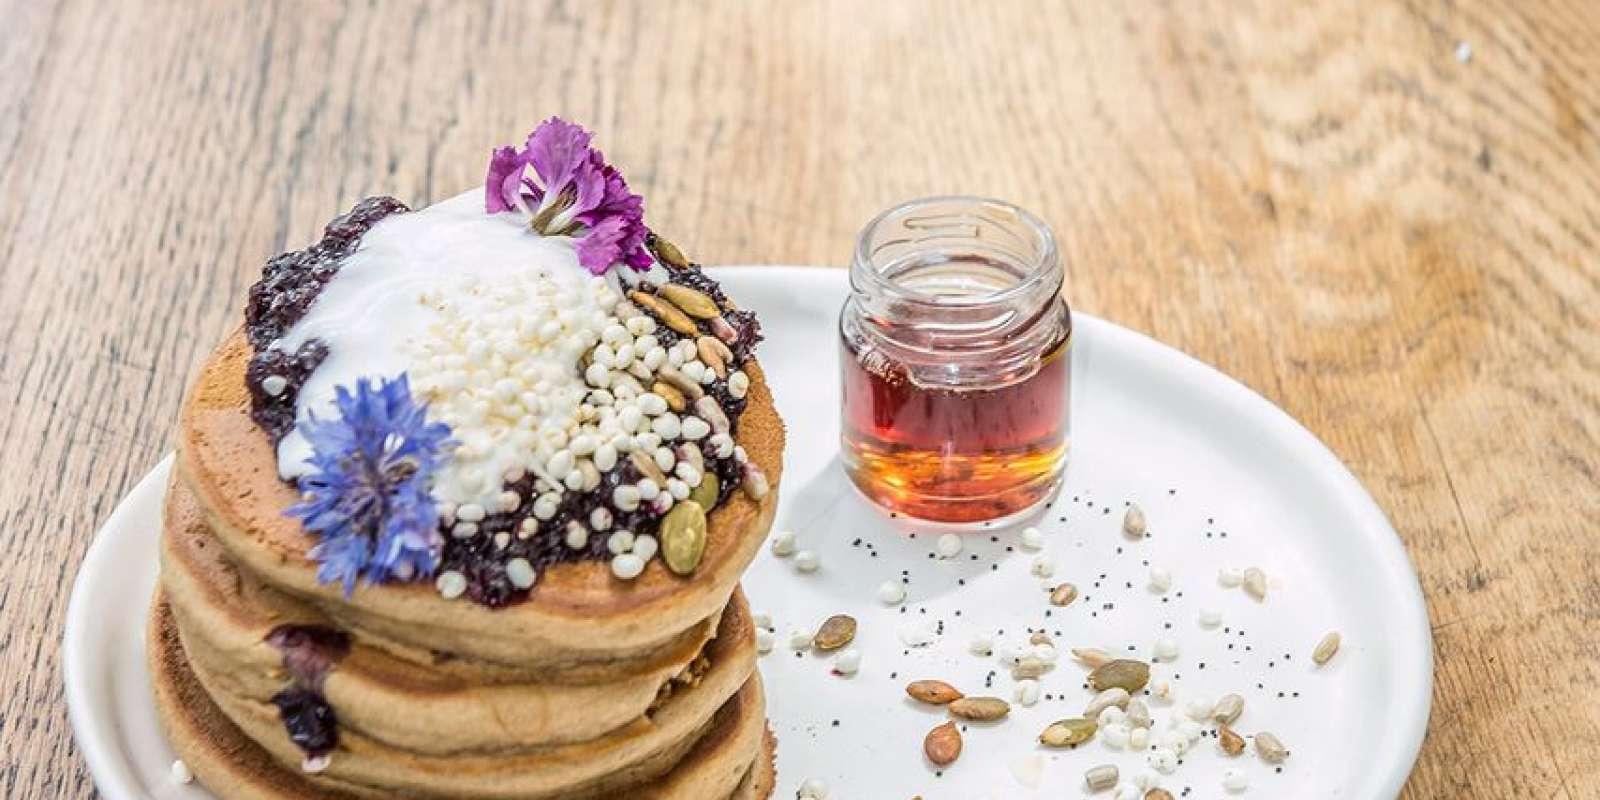 Vegan pancakes for brunch at Yonder Cafe, Queenstown